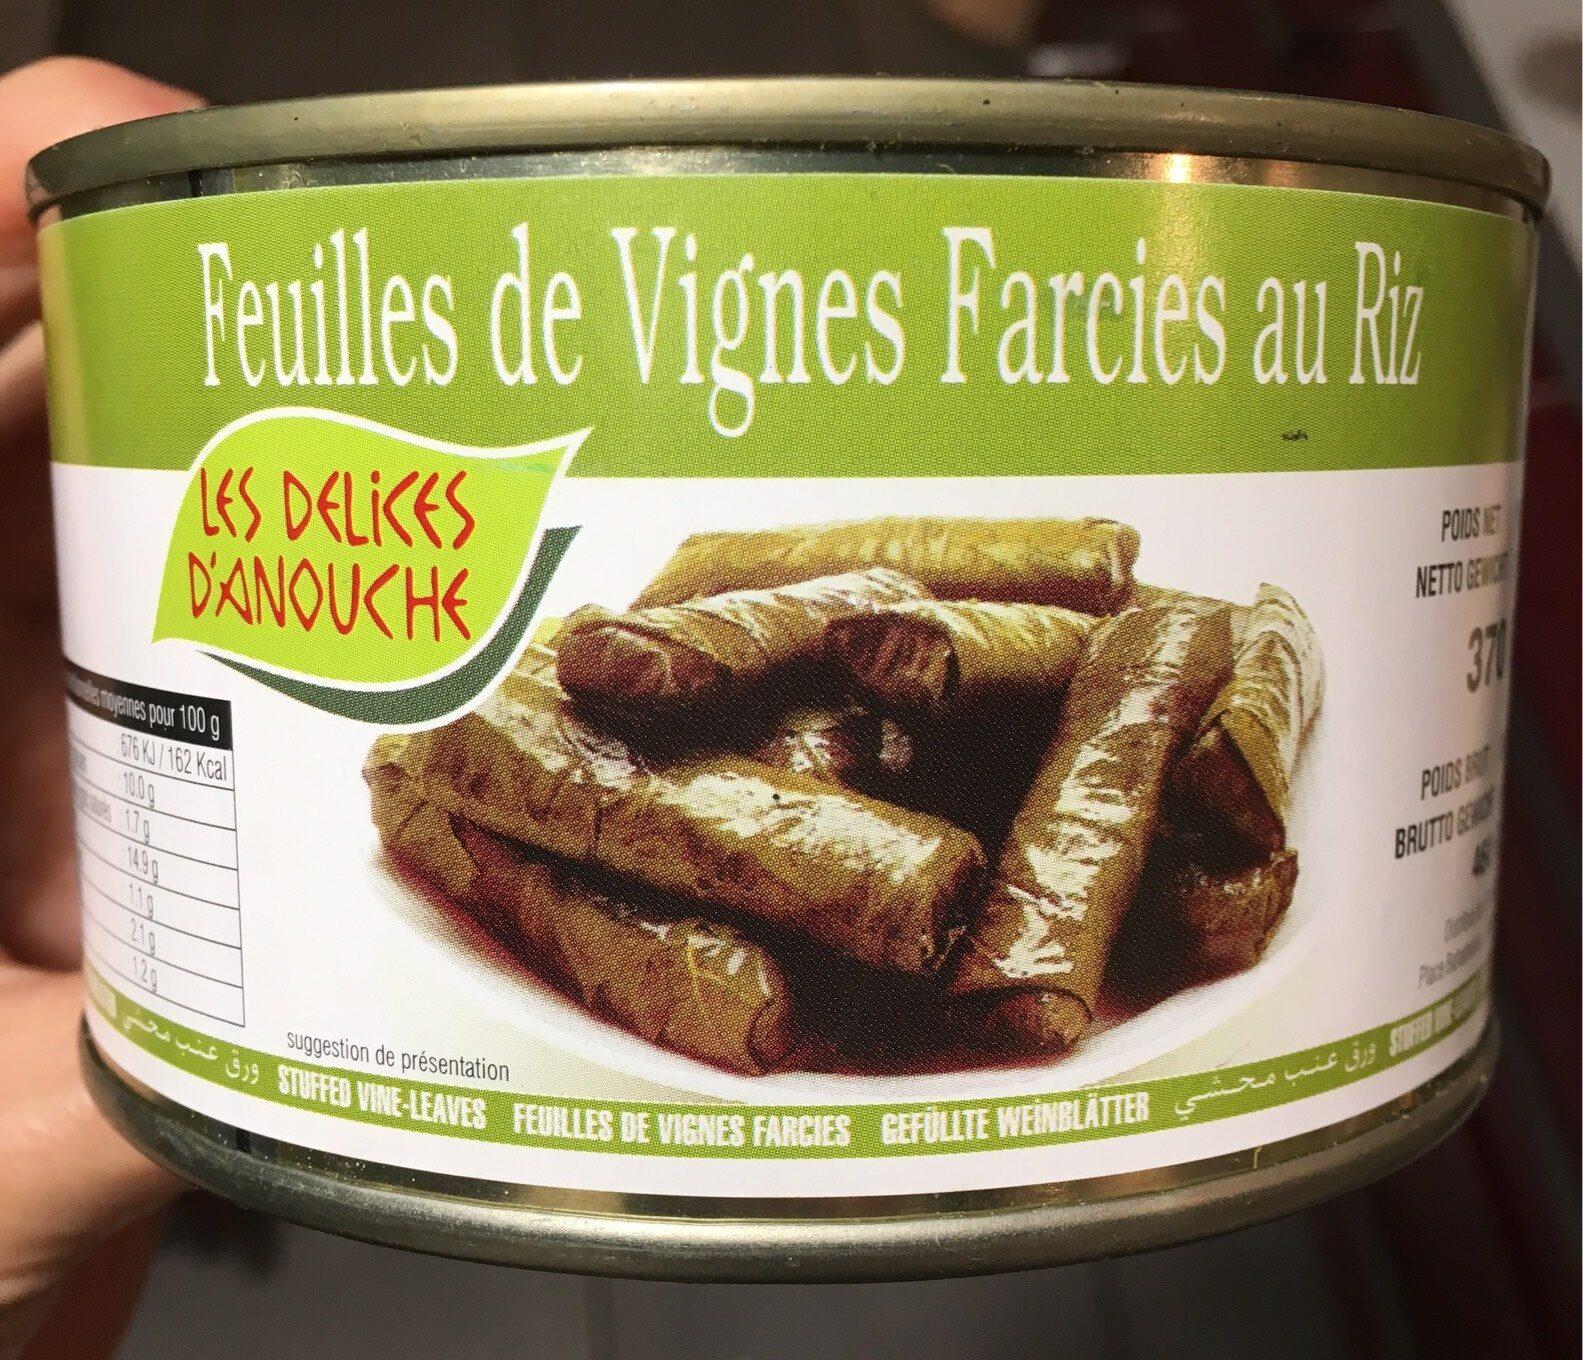 Feuilles de vigne farcies au riz - Produit - fr